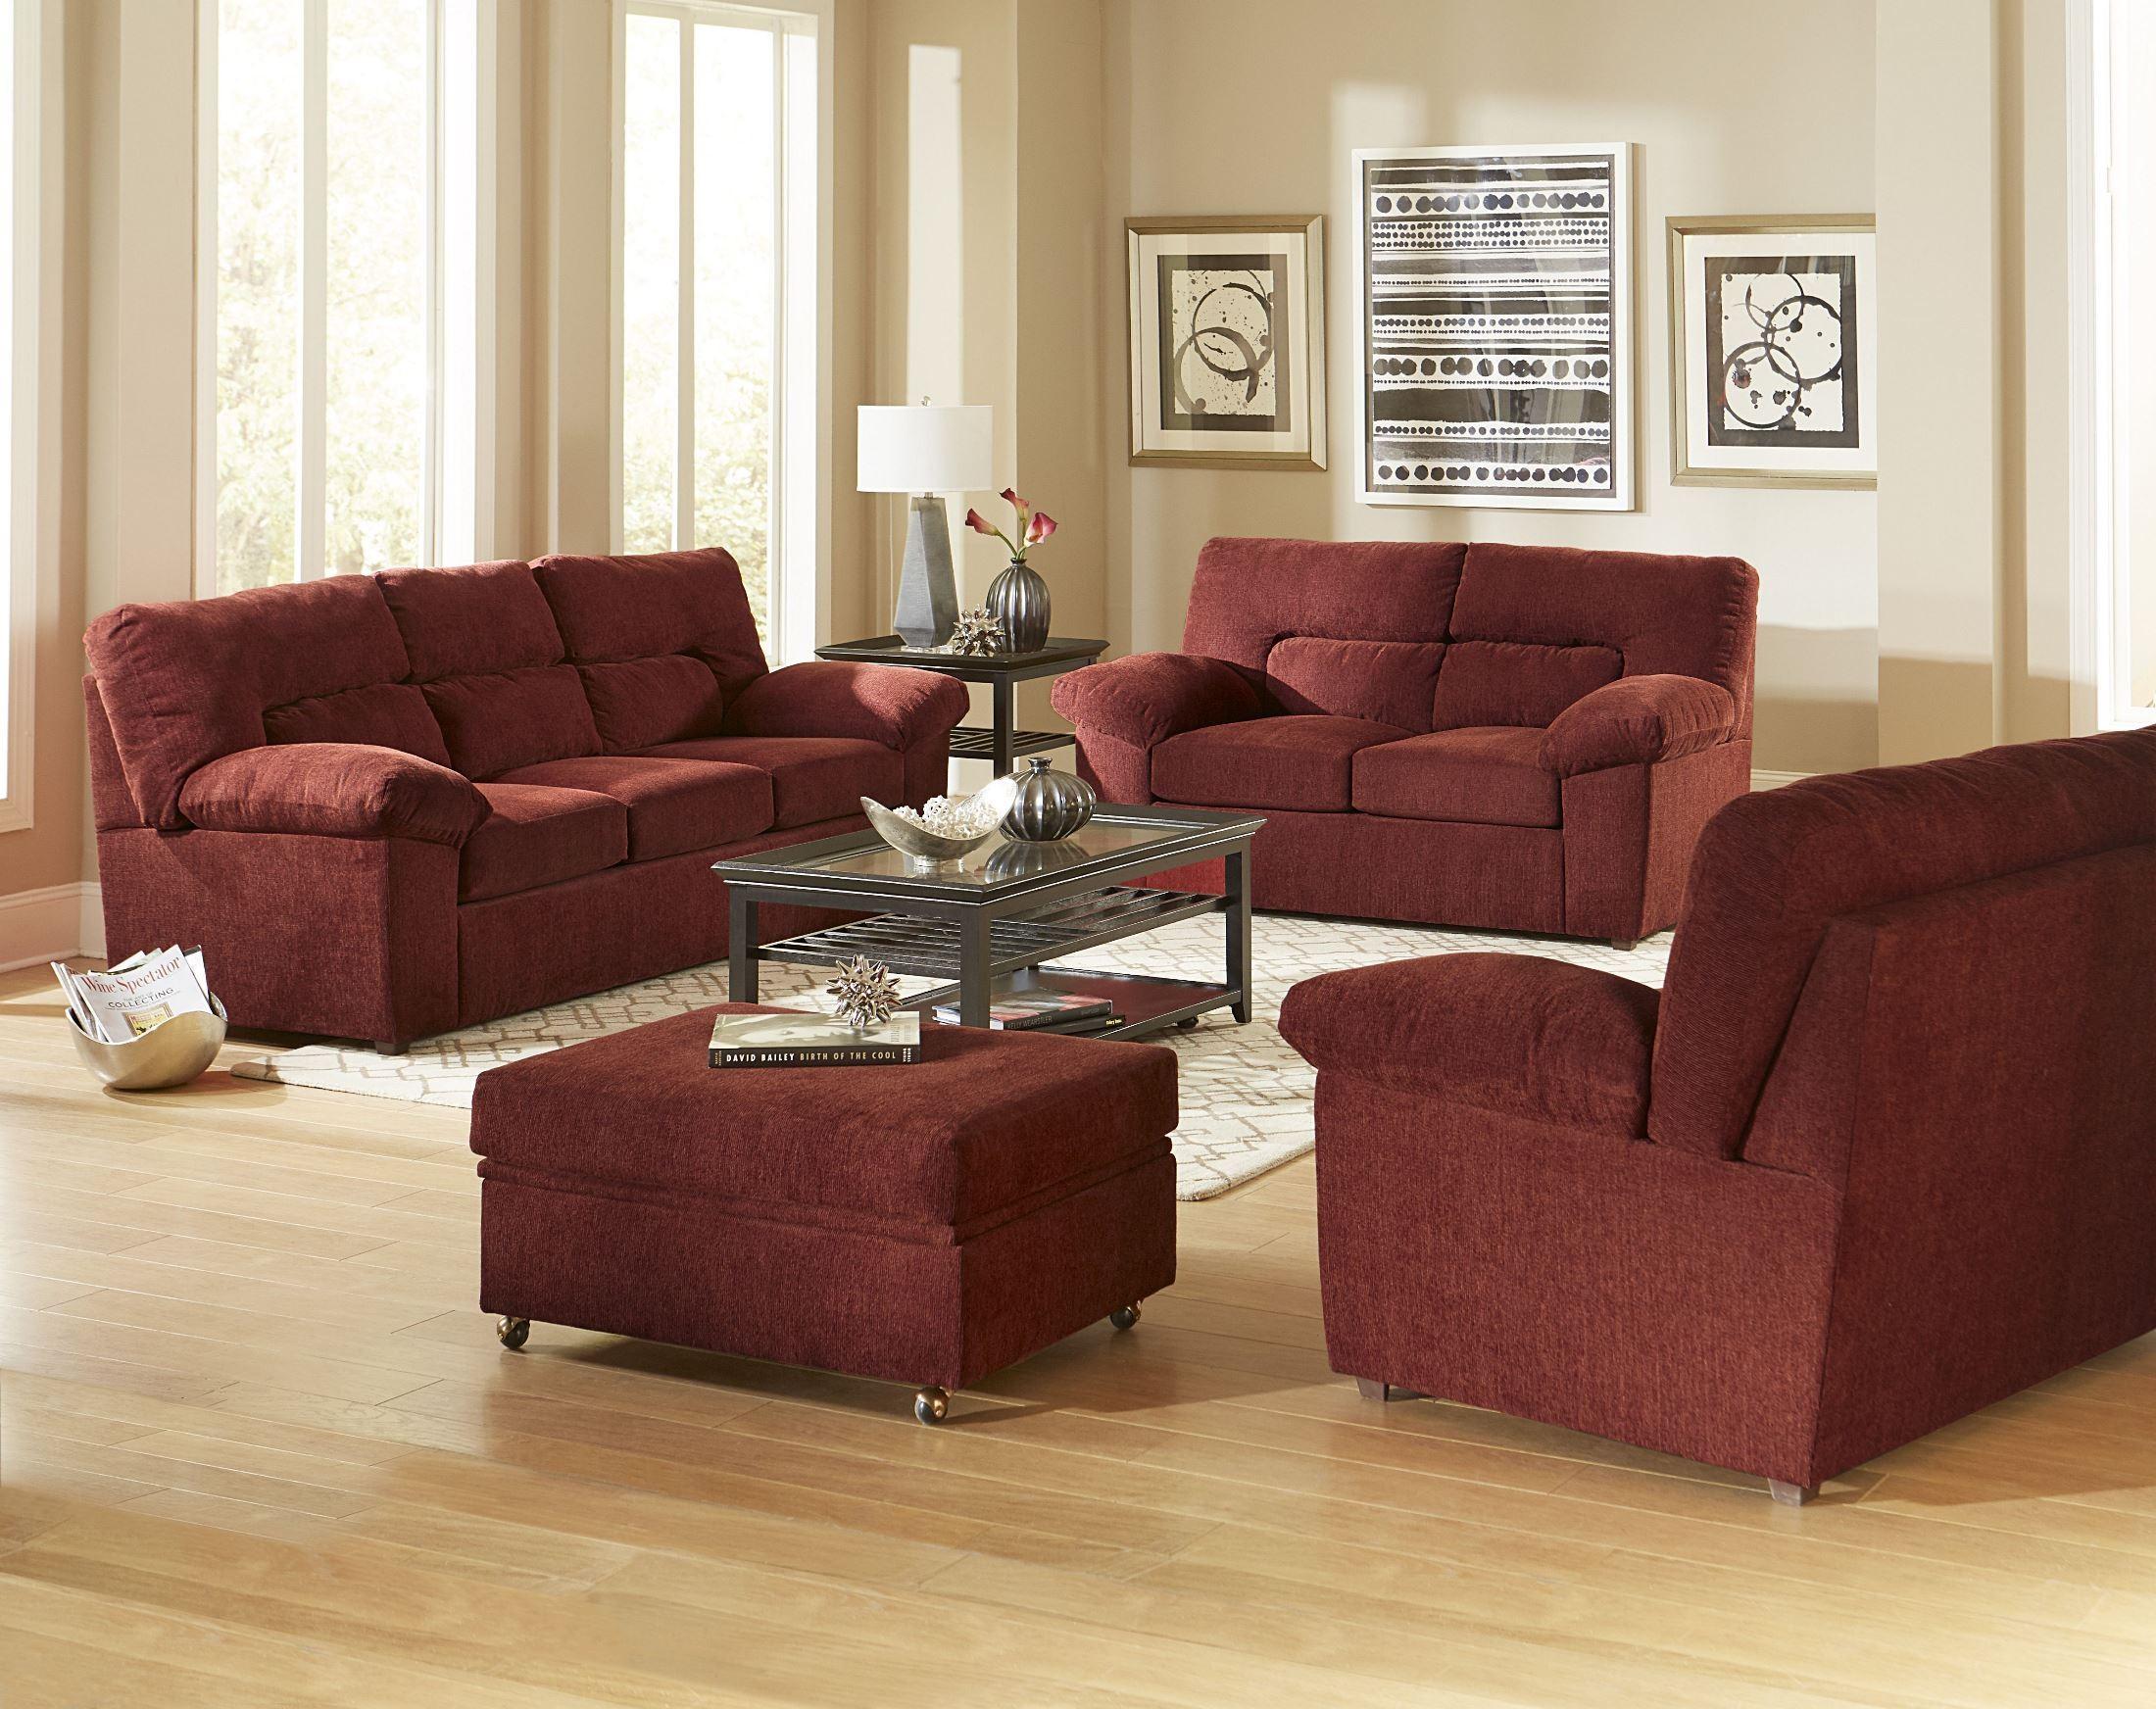 Duke Red Chenille Living Room Set from Progressive ...